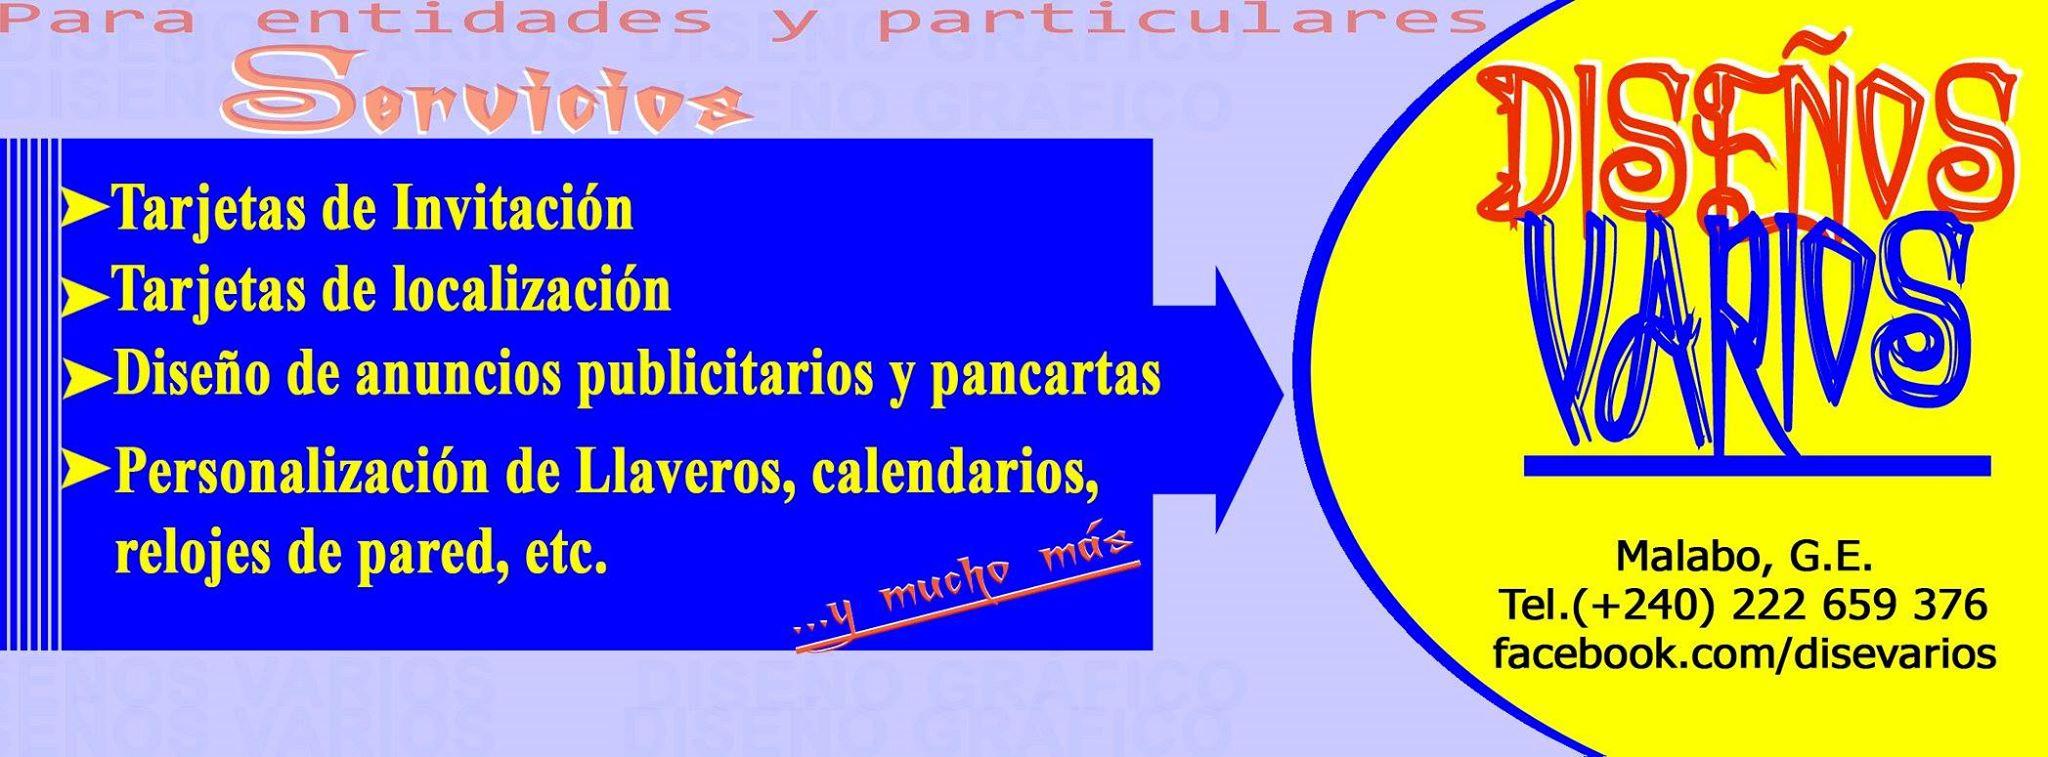 INVITACIONES DE TODO TIPO, TARJETAS DE VISITA, DISEÑO DE FOTOS, ETC.